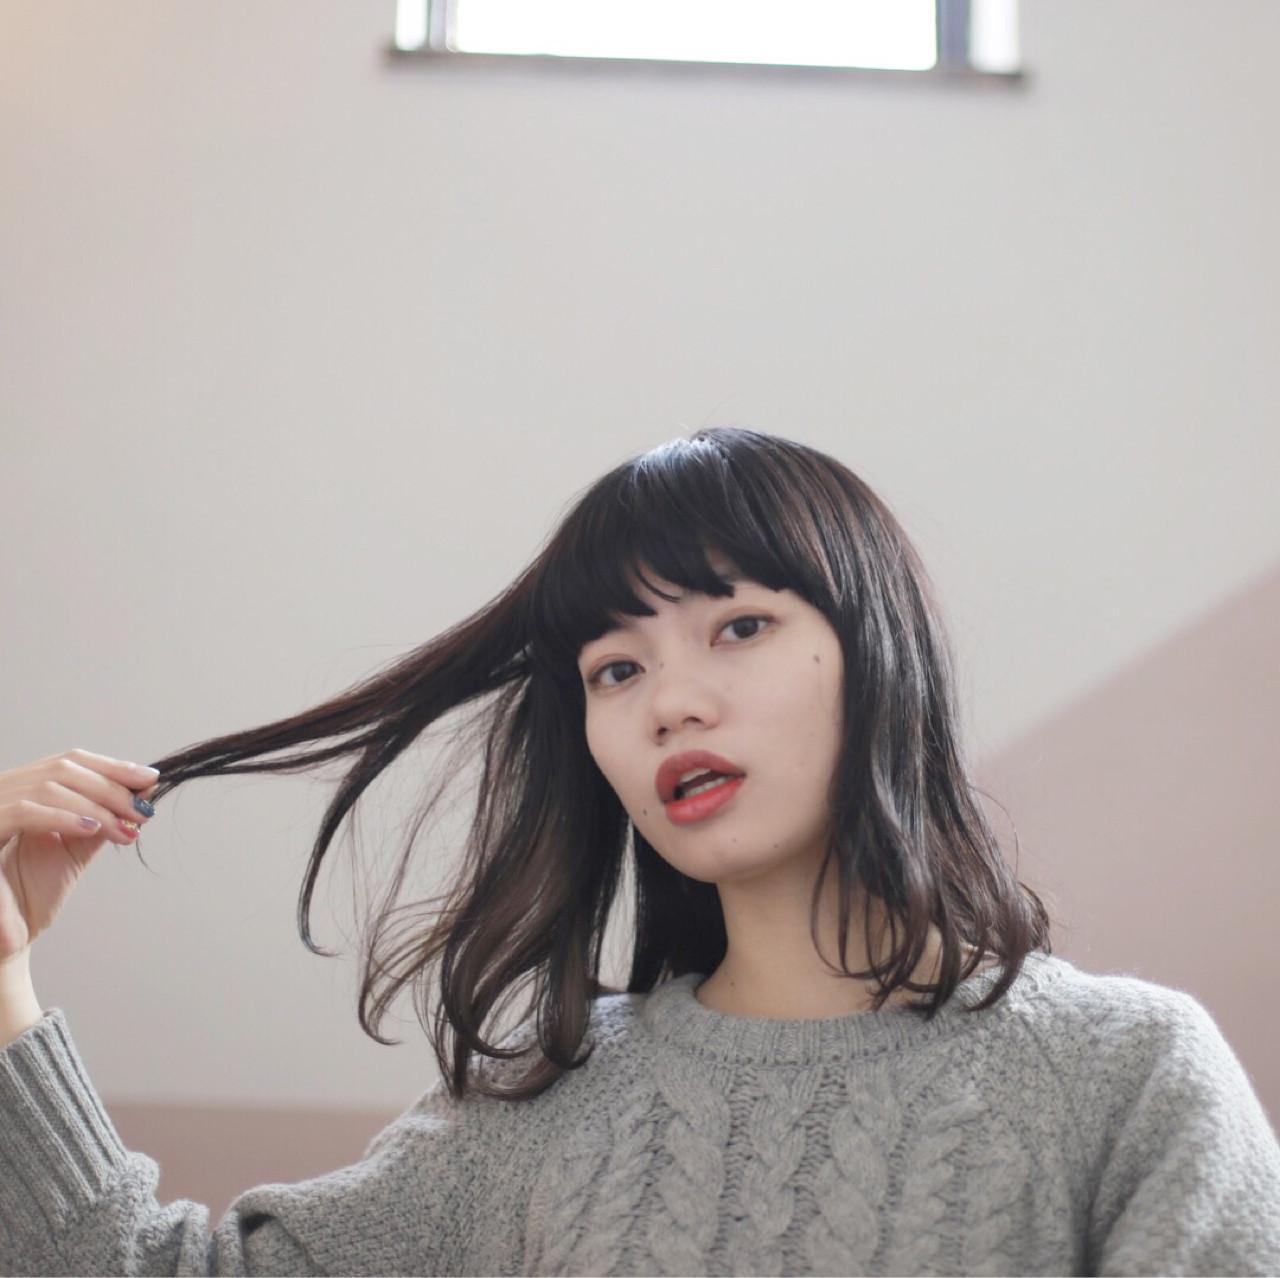 バッサリカットした毛先がオシャレなワイドバング 井上 拓耶 | know hair studio